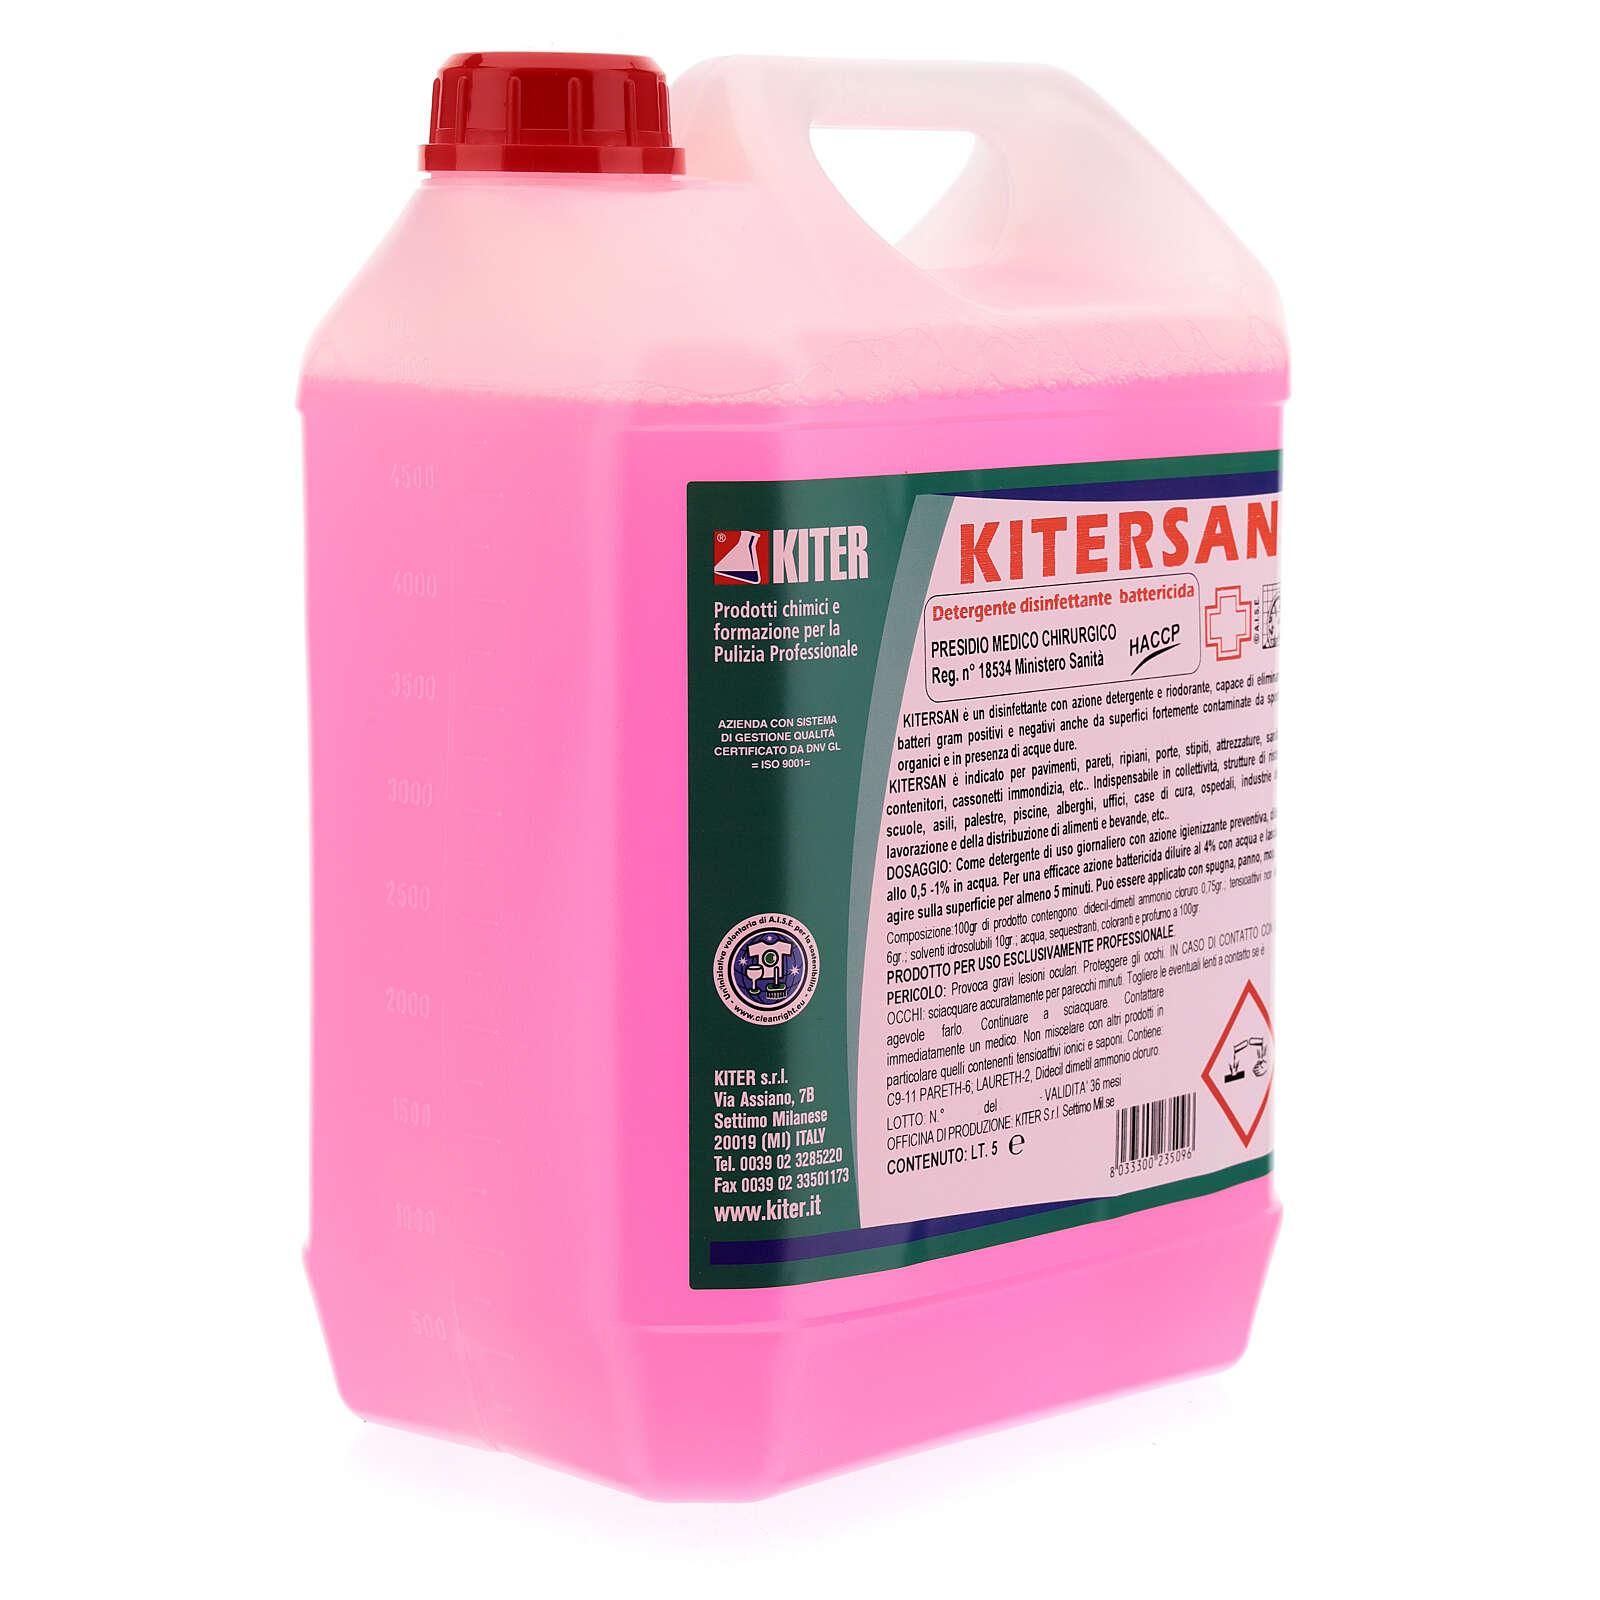 Kitersan détergent désinfectant bactéricide 5 litres 3